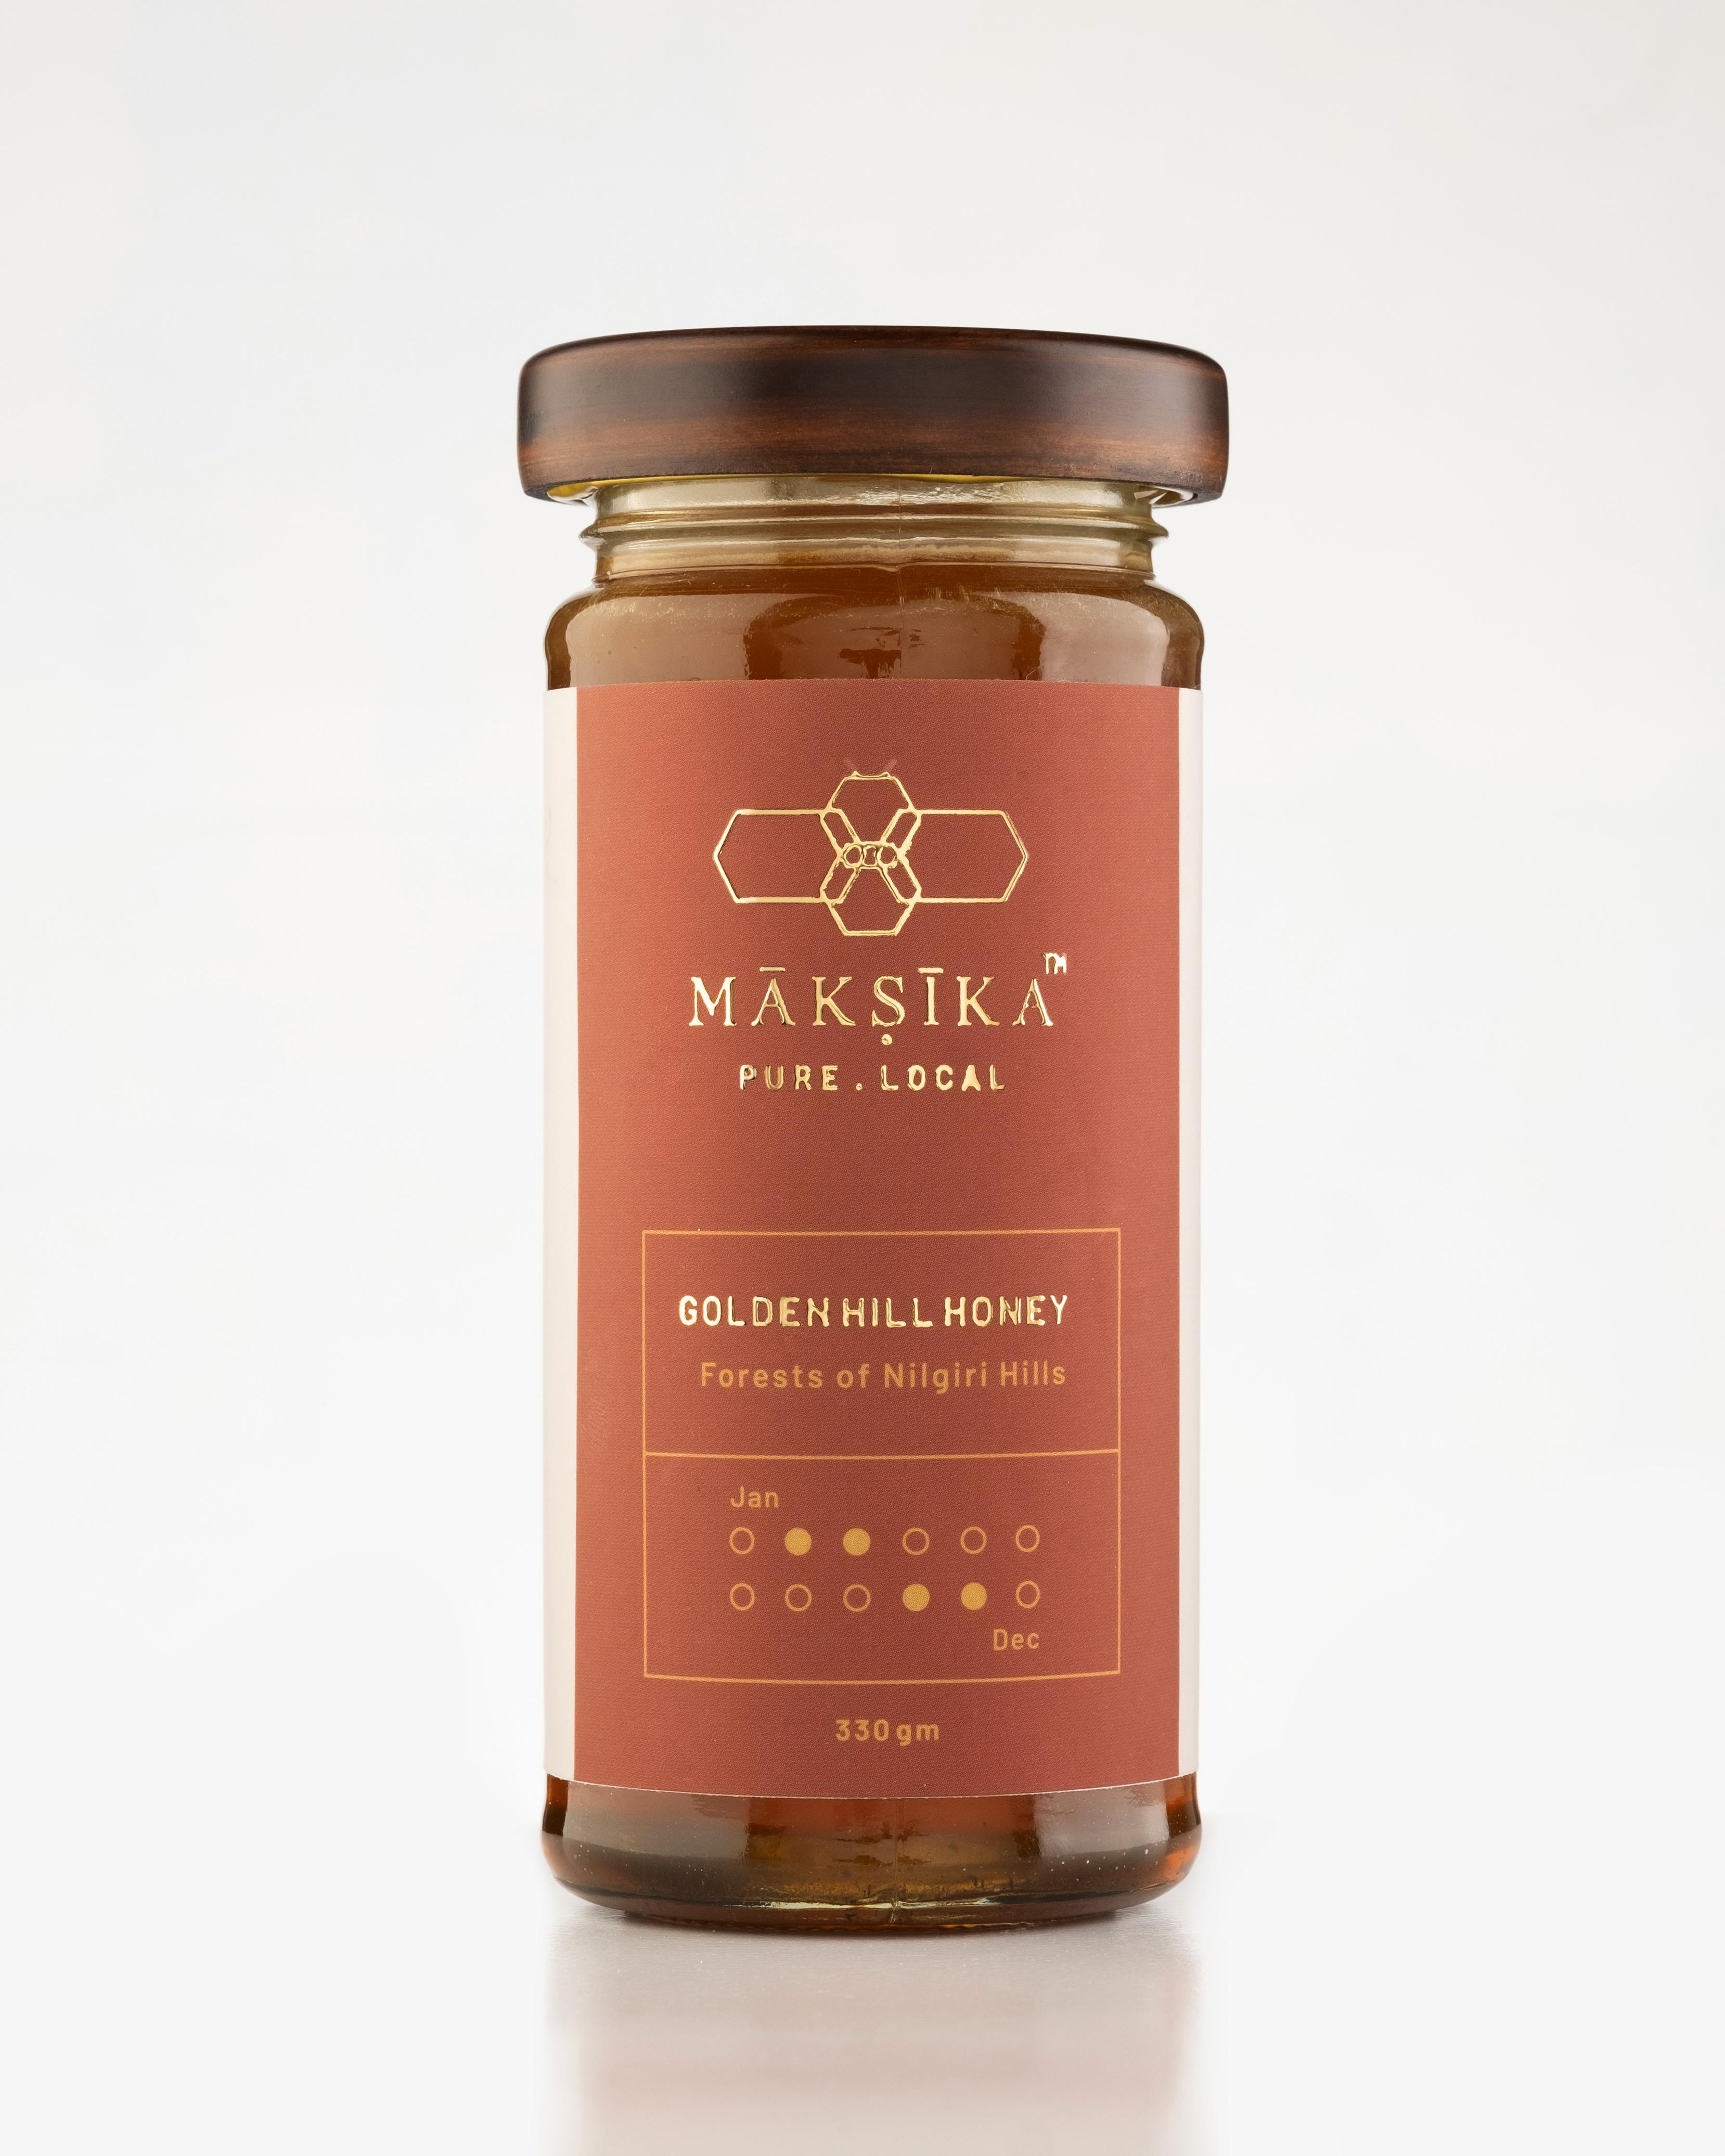 Golden Hill Honey